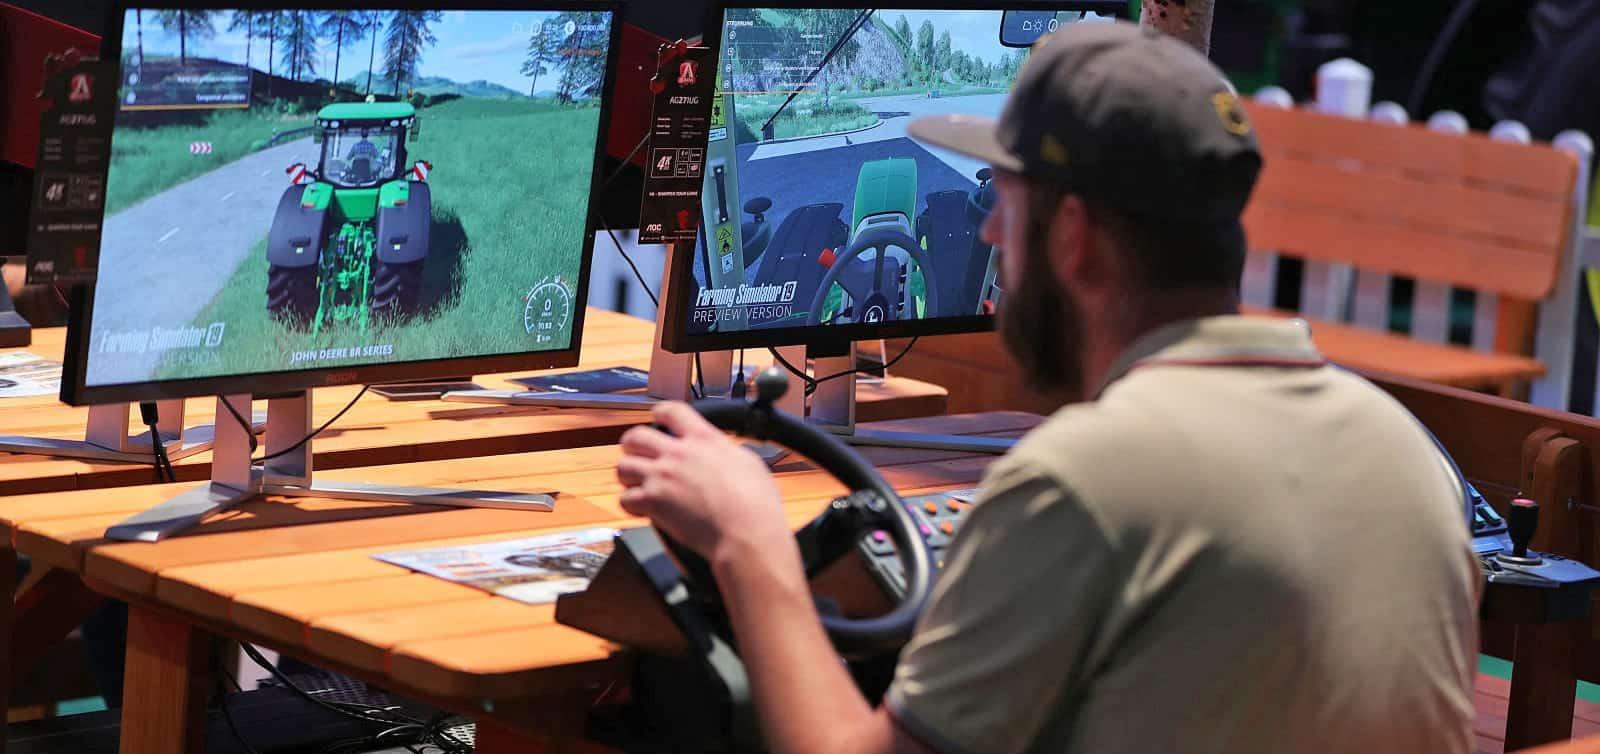 بطولة الزراعة في الرياضة الإلكترونية Farming Simulator league